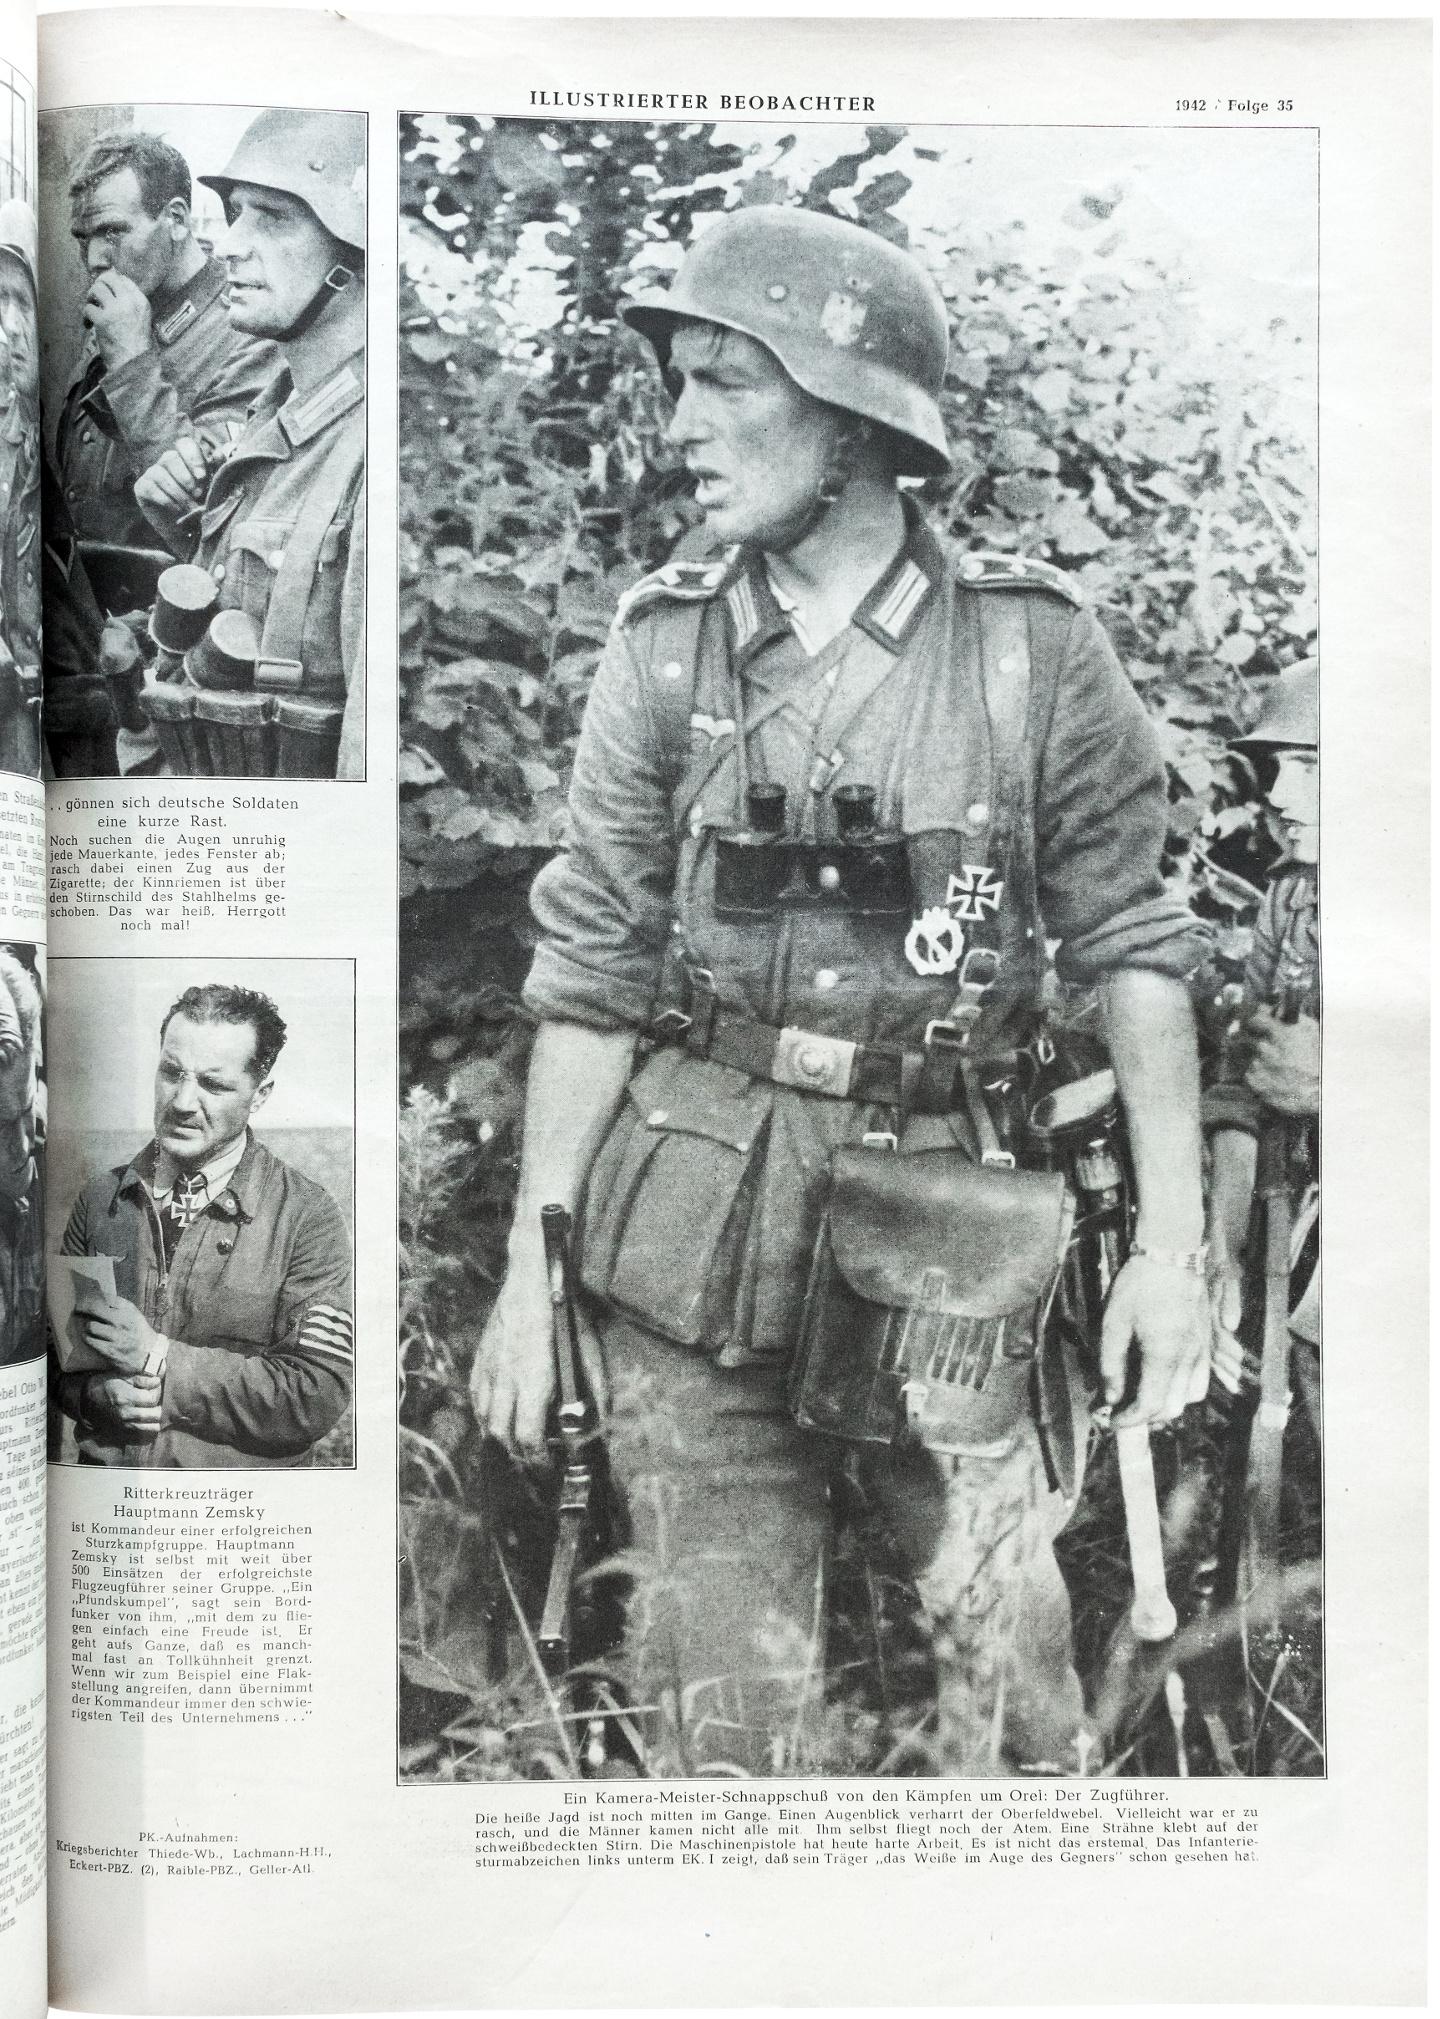 """""""Ein Kamera-Meister-Schnappschuß von den Kämpfen um Orel: Der Zugführer."""" (Bildunterschrift rechts)"""